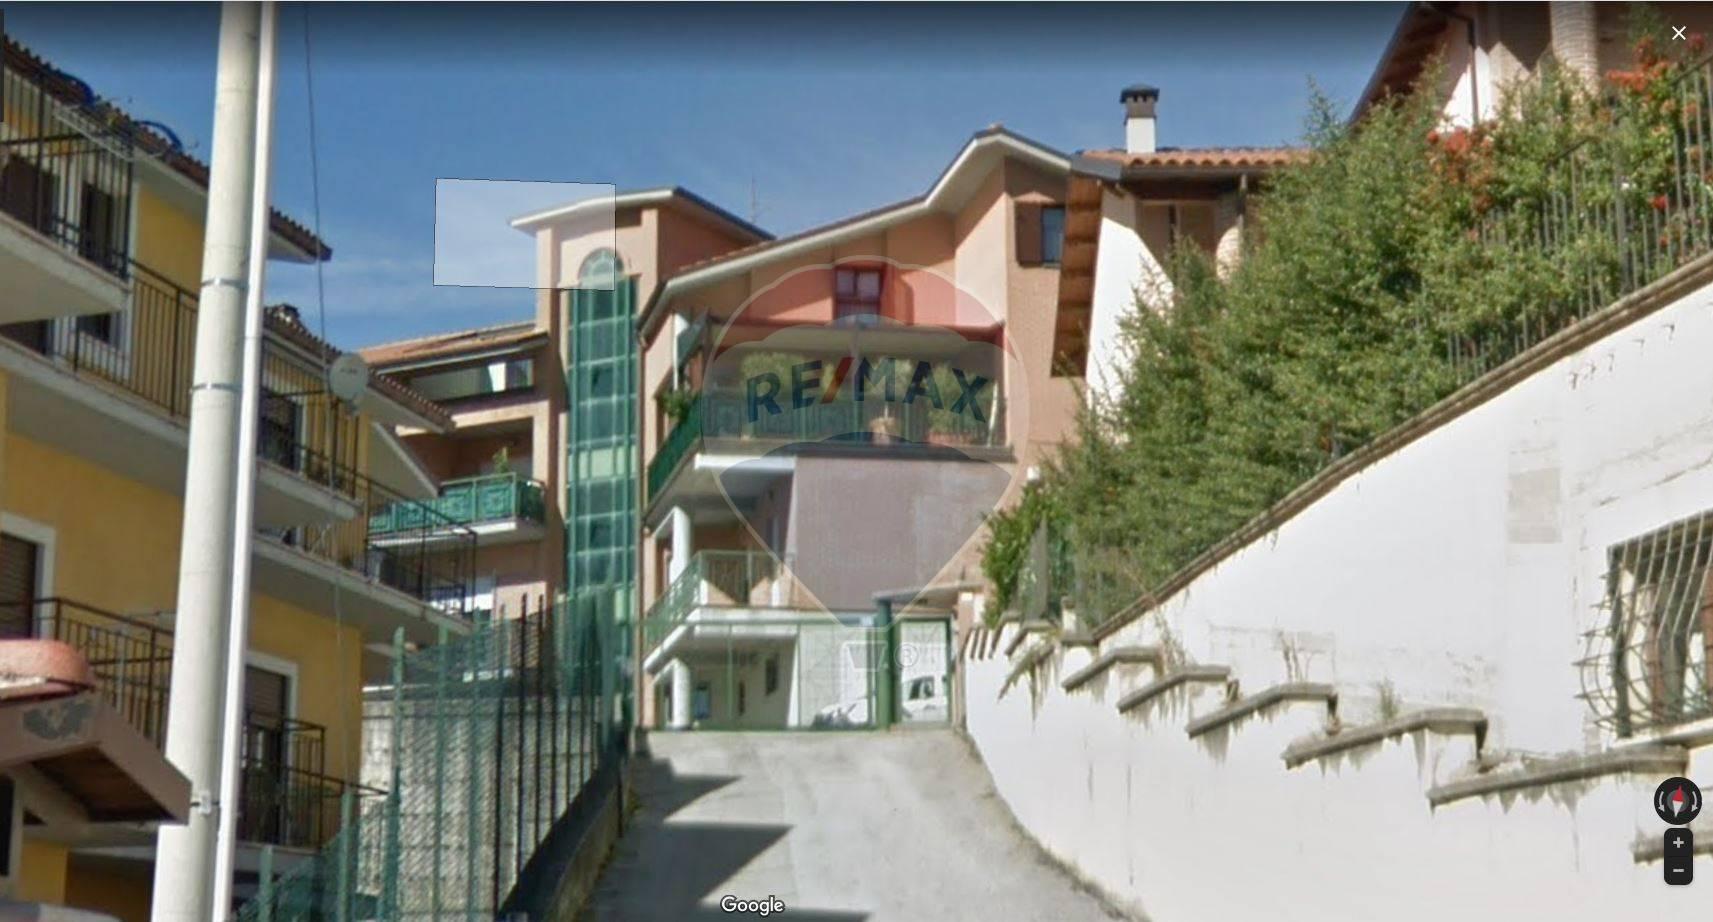 Appartamento in vendita a L'Aquila, 7 locali, zona ito, prezzo € 121.000 | PortaleAgenzieImmobiliari.it